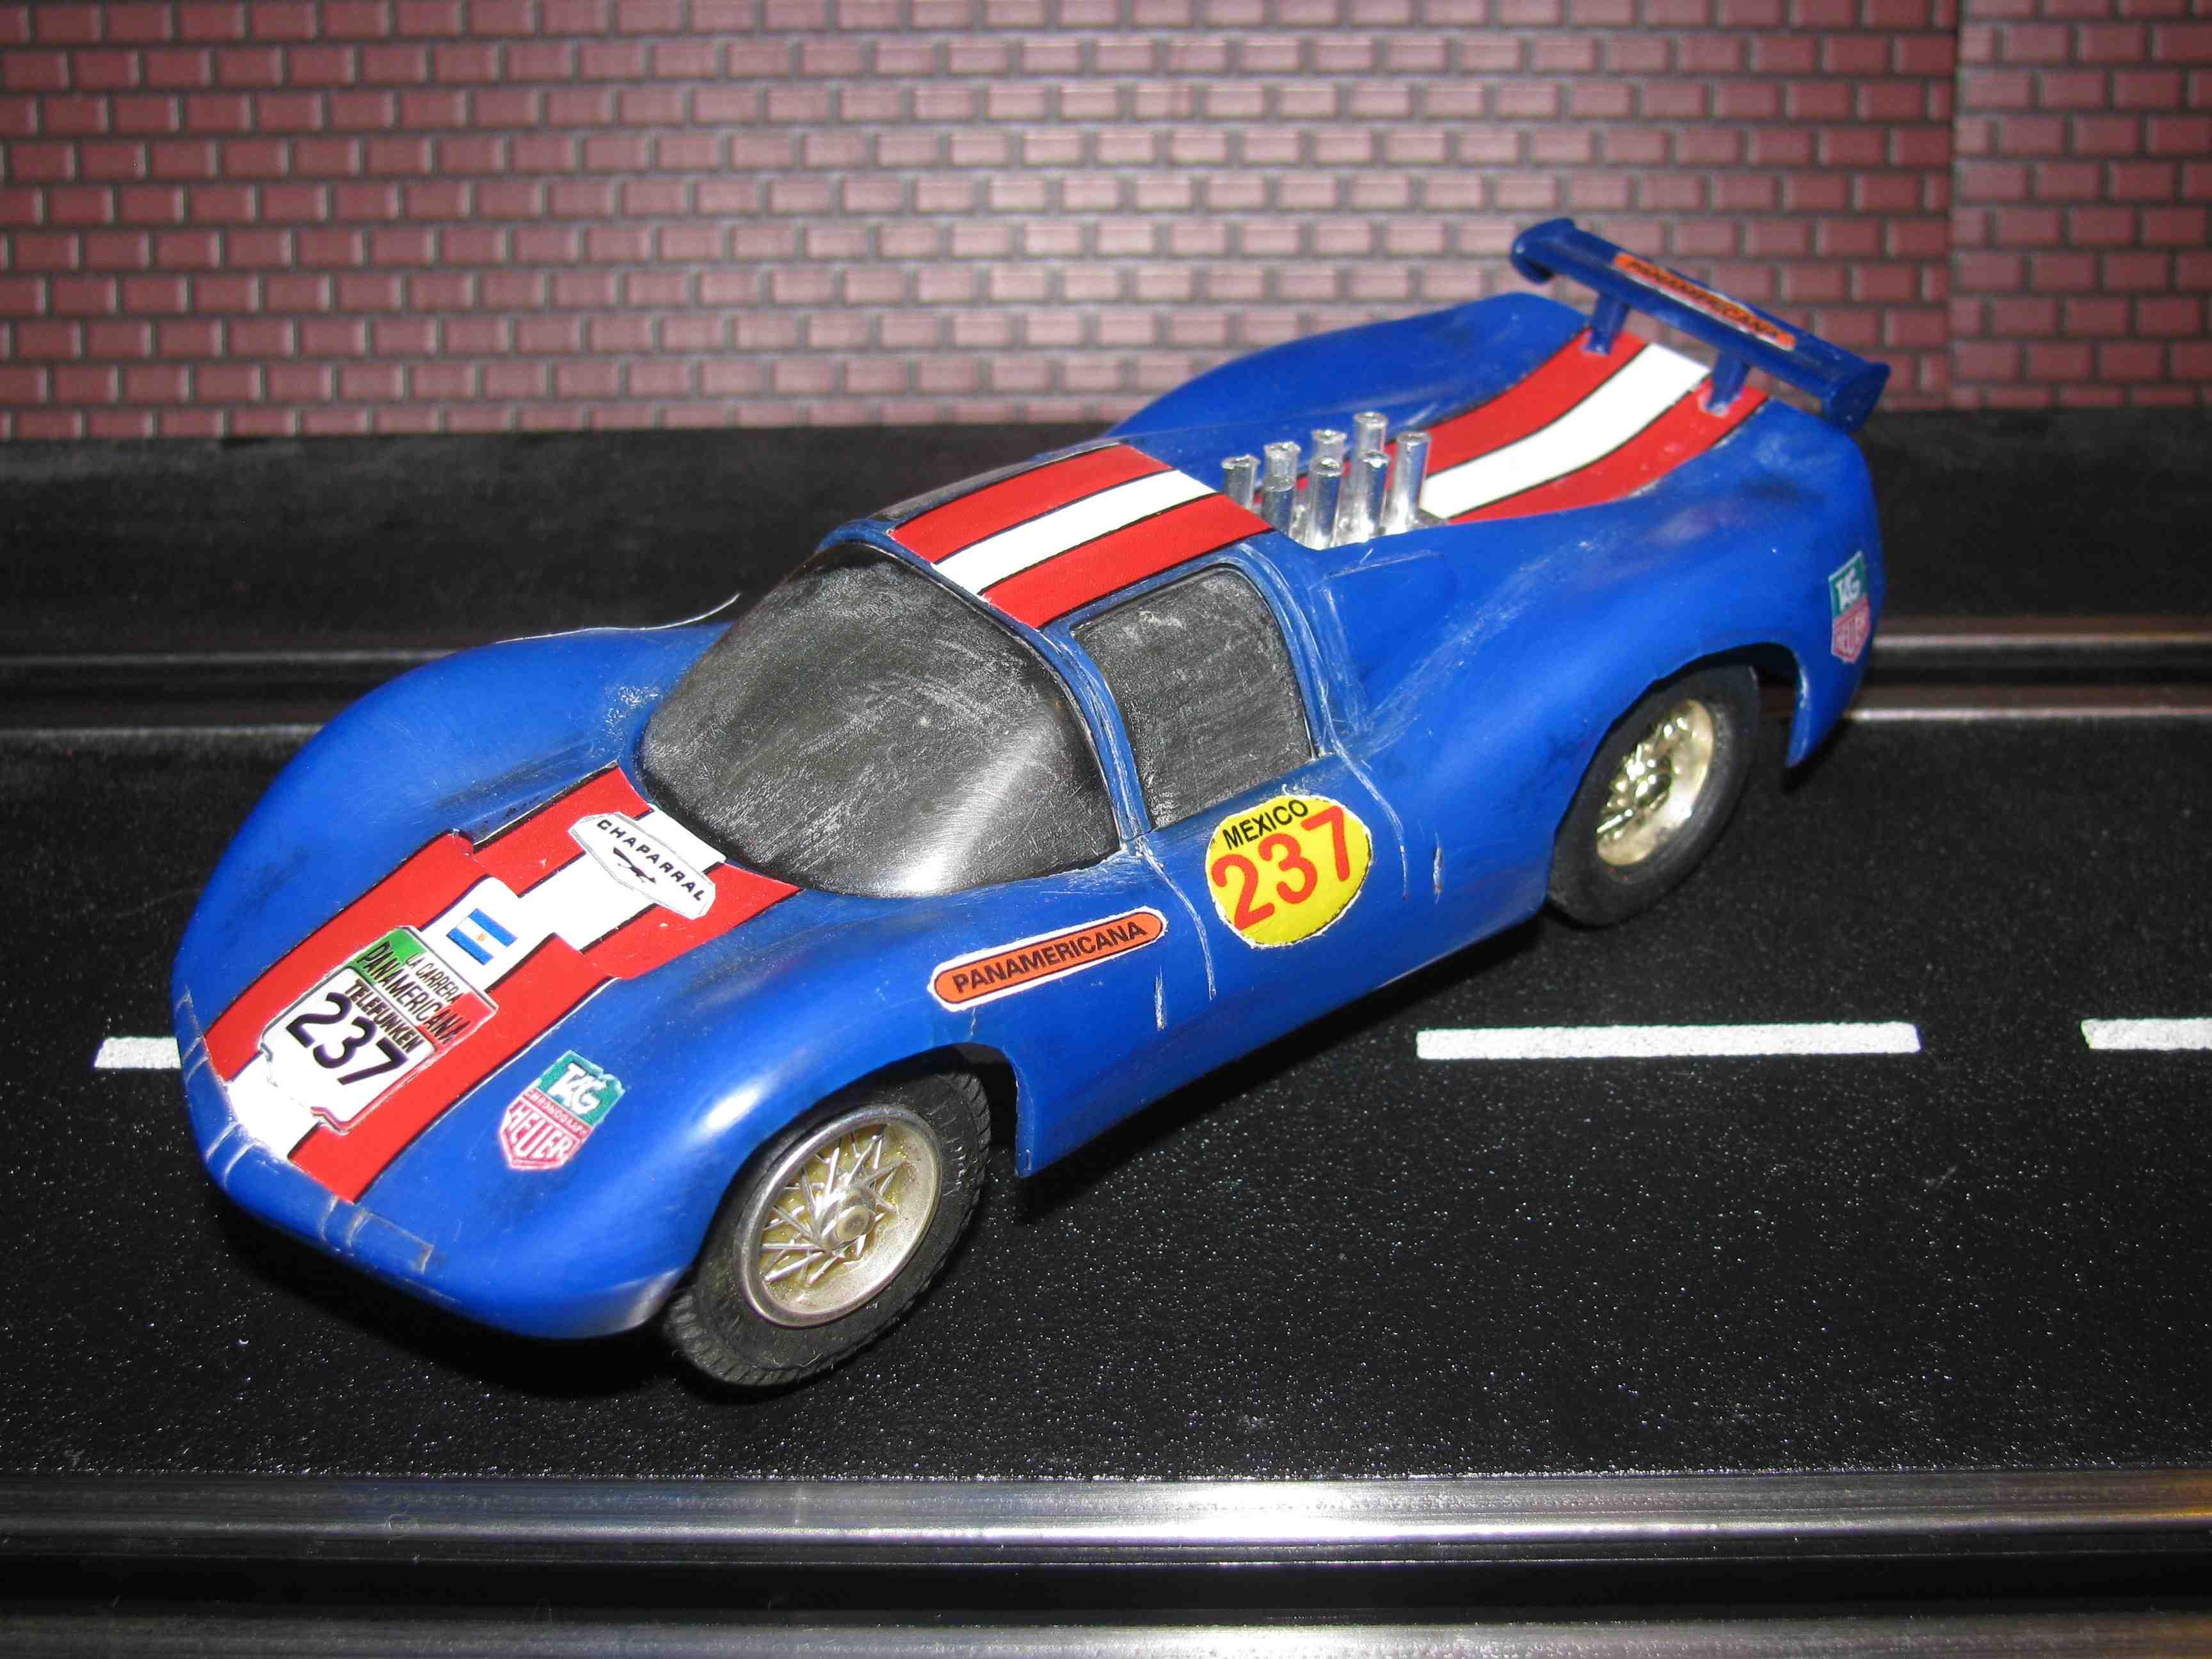 * SOLD * Eldon Chaparral Slot Car 1/32 Scale, Blue, Car 237